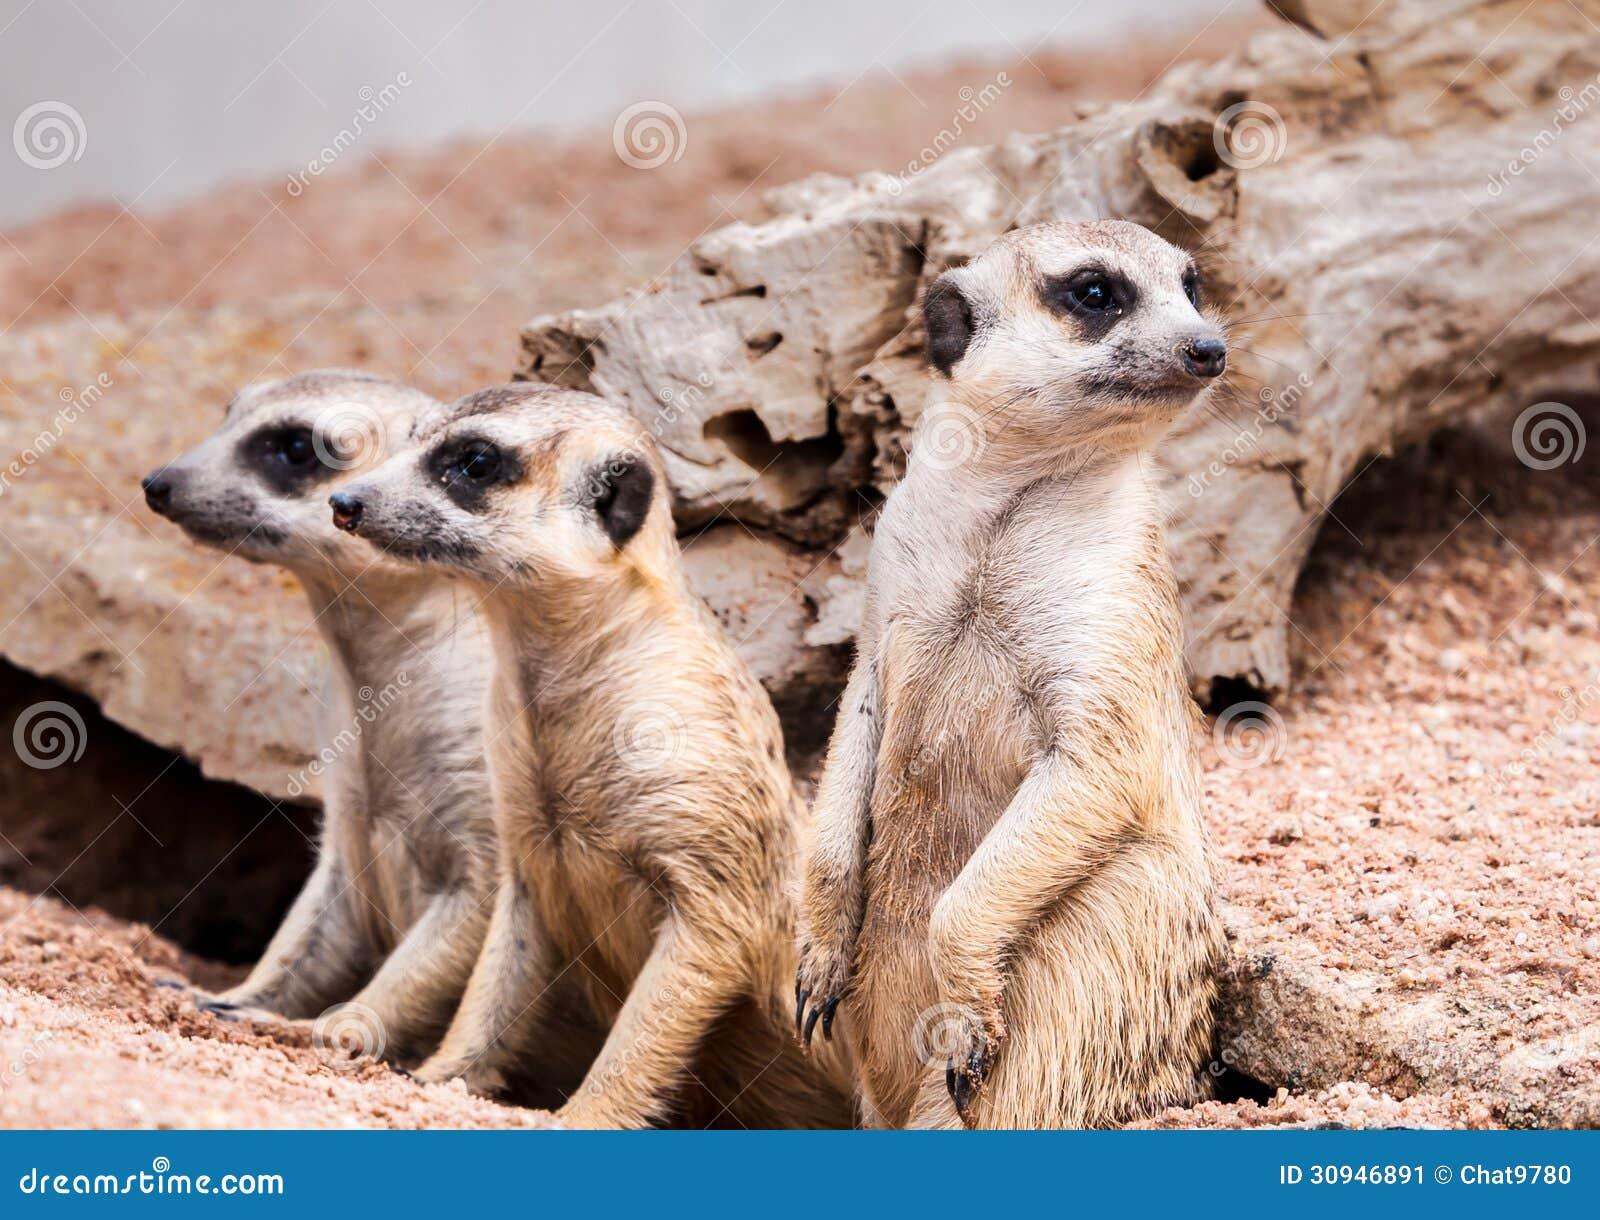 Fotos De Stock Chat9780: Meerkats Looking For Something Stock Image